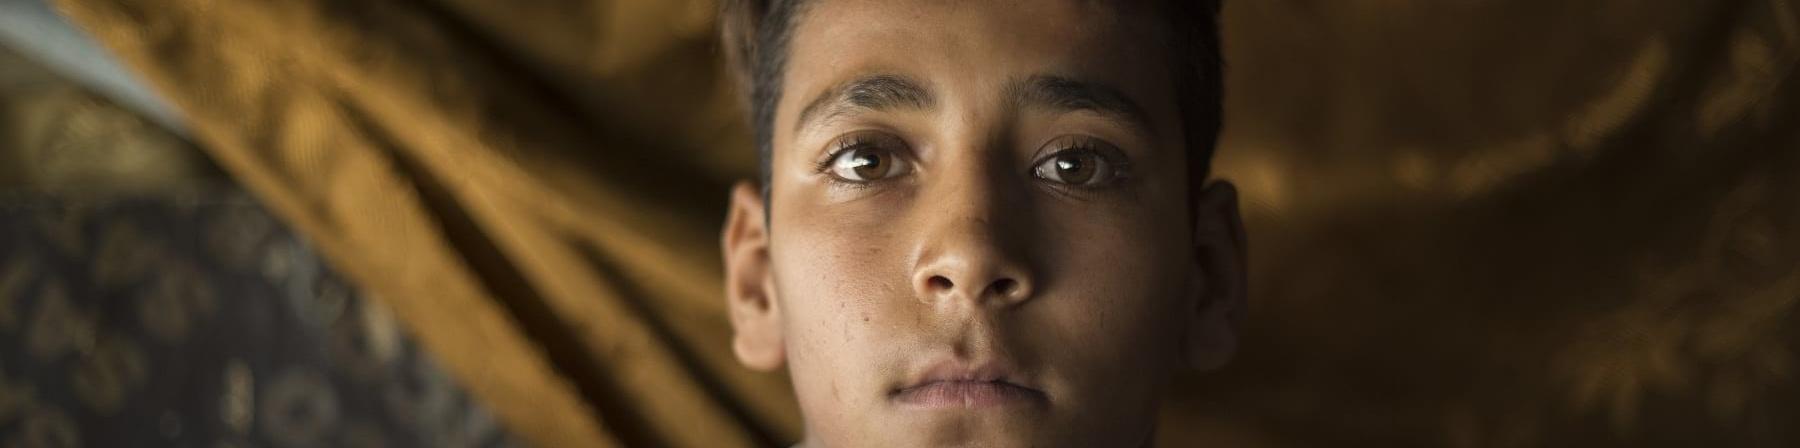 Primo piano bambino siriano moro guarda in camera